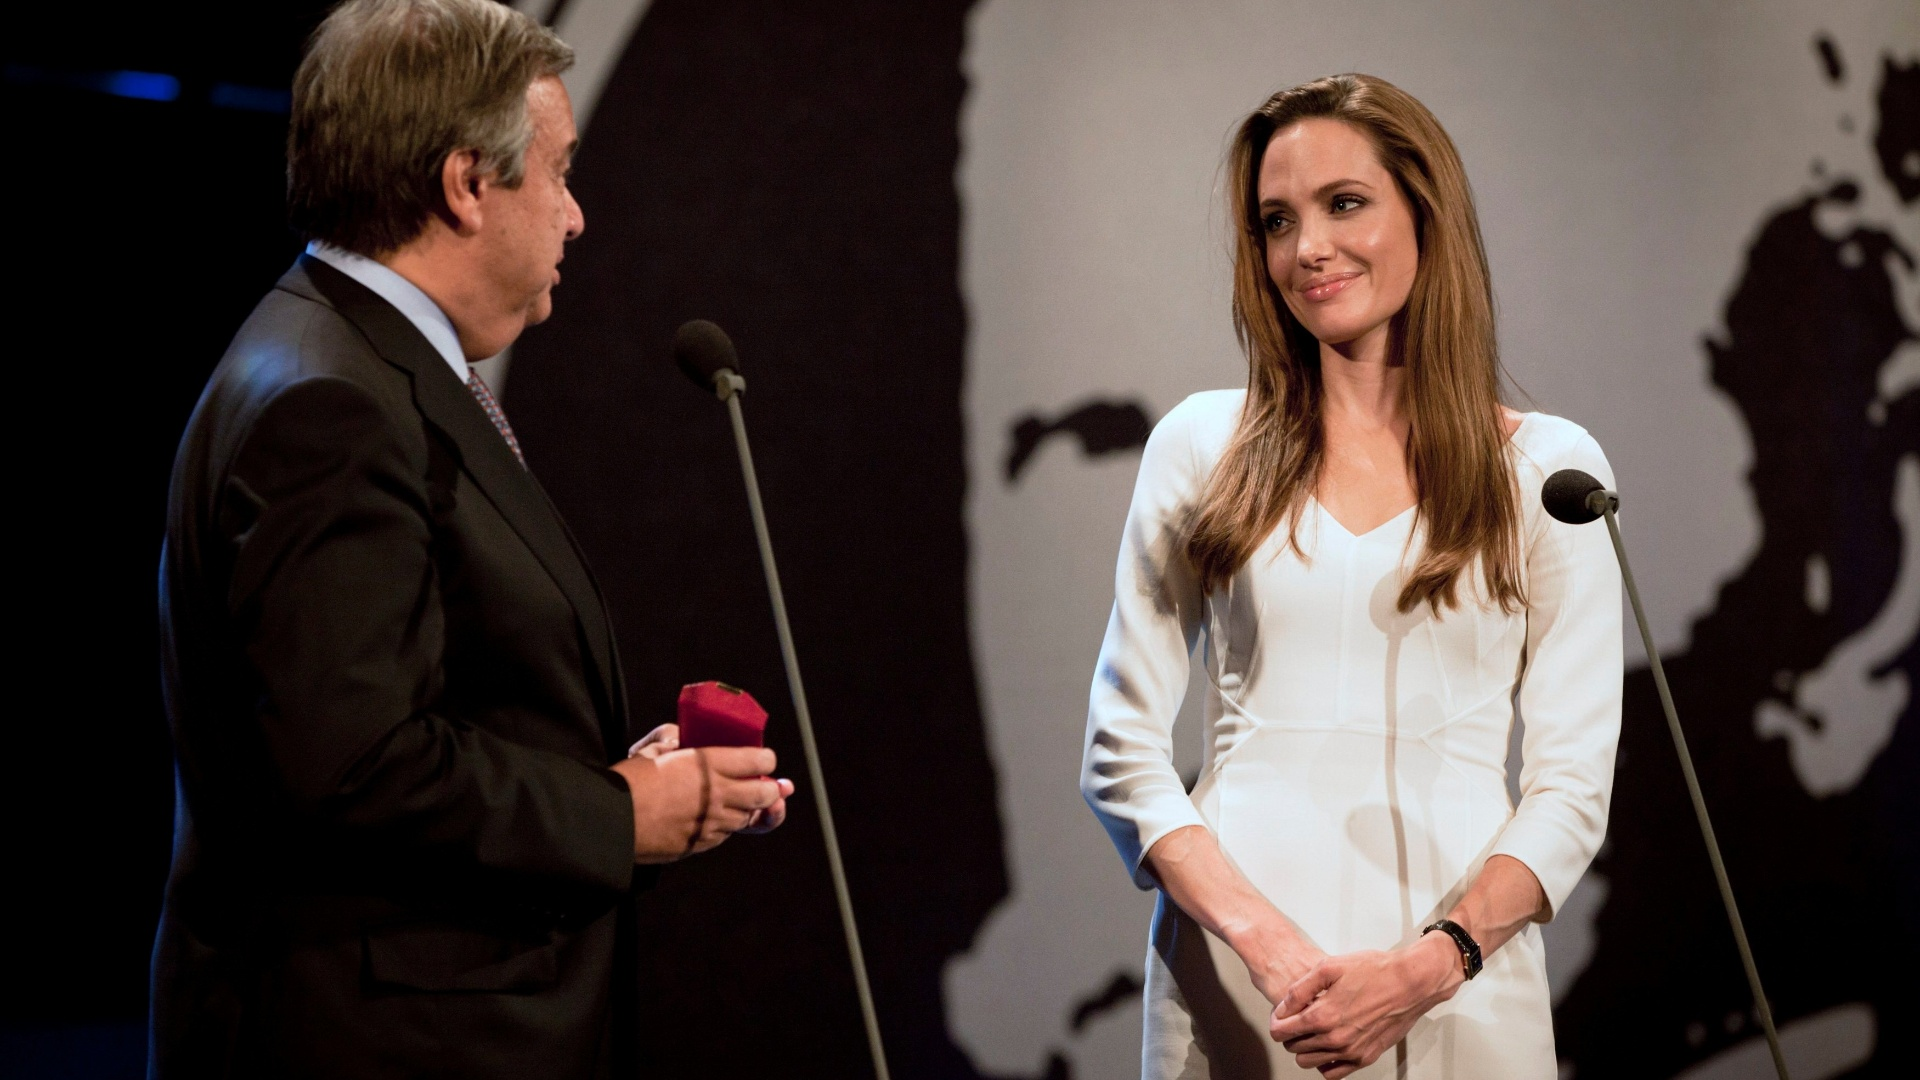 Embaixadora da boa vontade da ONU (Organização das Nações Unidas), a atriz Angelina Jolie esteve na entrega do prêmio Nansen para a Yemen's Society for Humanitarian Solidarity (3/10/2011)